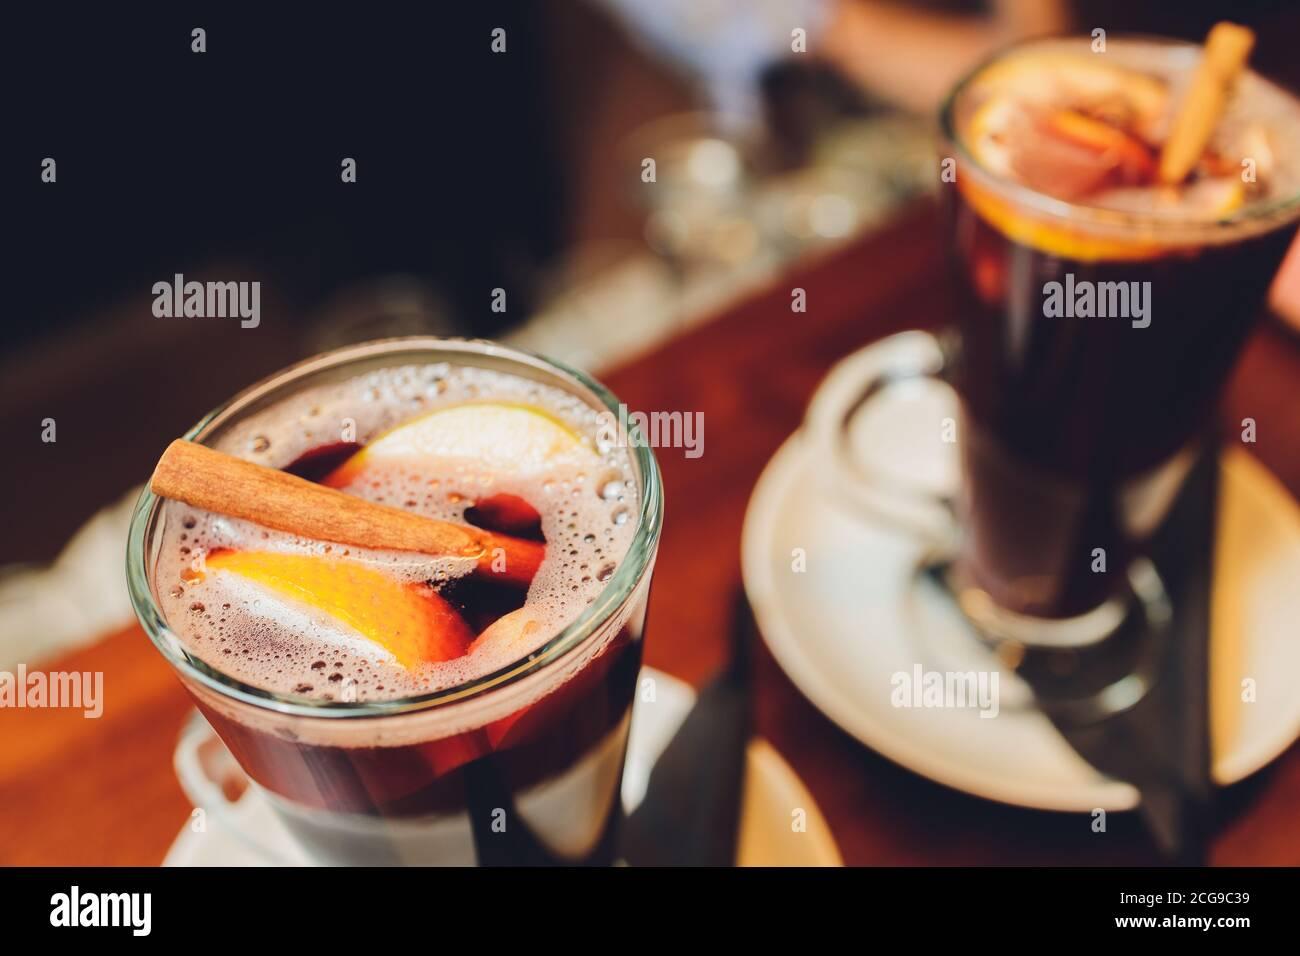 primer plano de vino caliente, centrado en la estrella de anís, mofdo poco profundo. Foto de stock